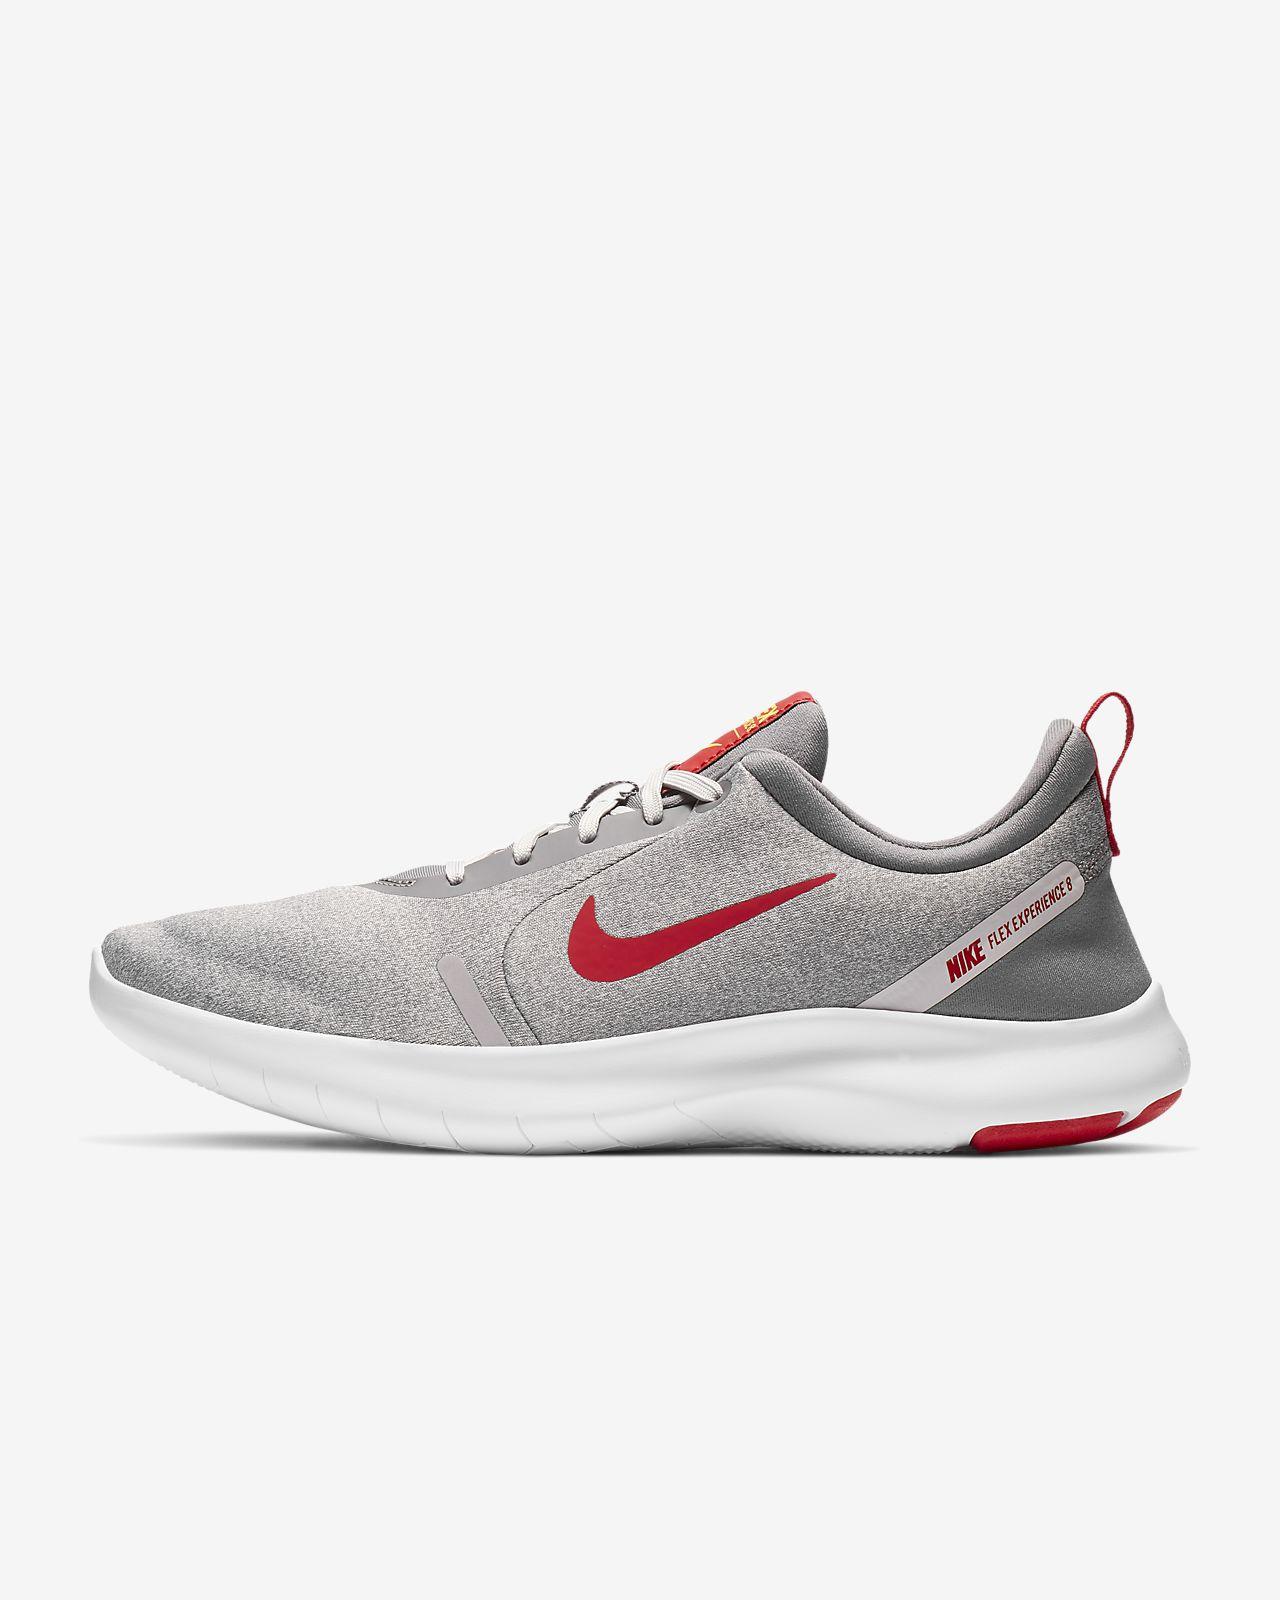 sale retailer e1c54 7212a ... Chaussure de running Nike Flex Experience RN 8 pour Homme